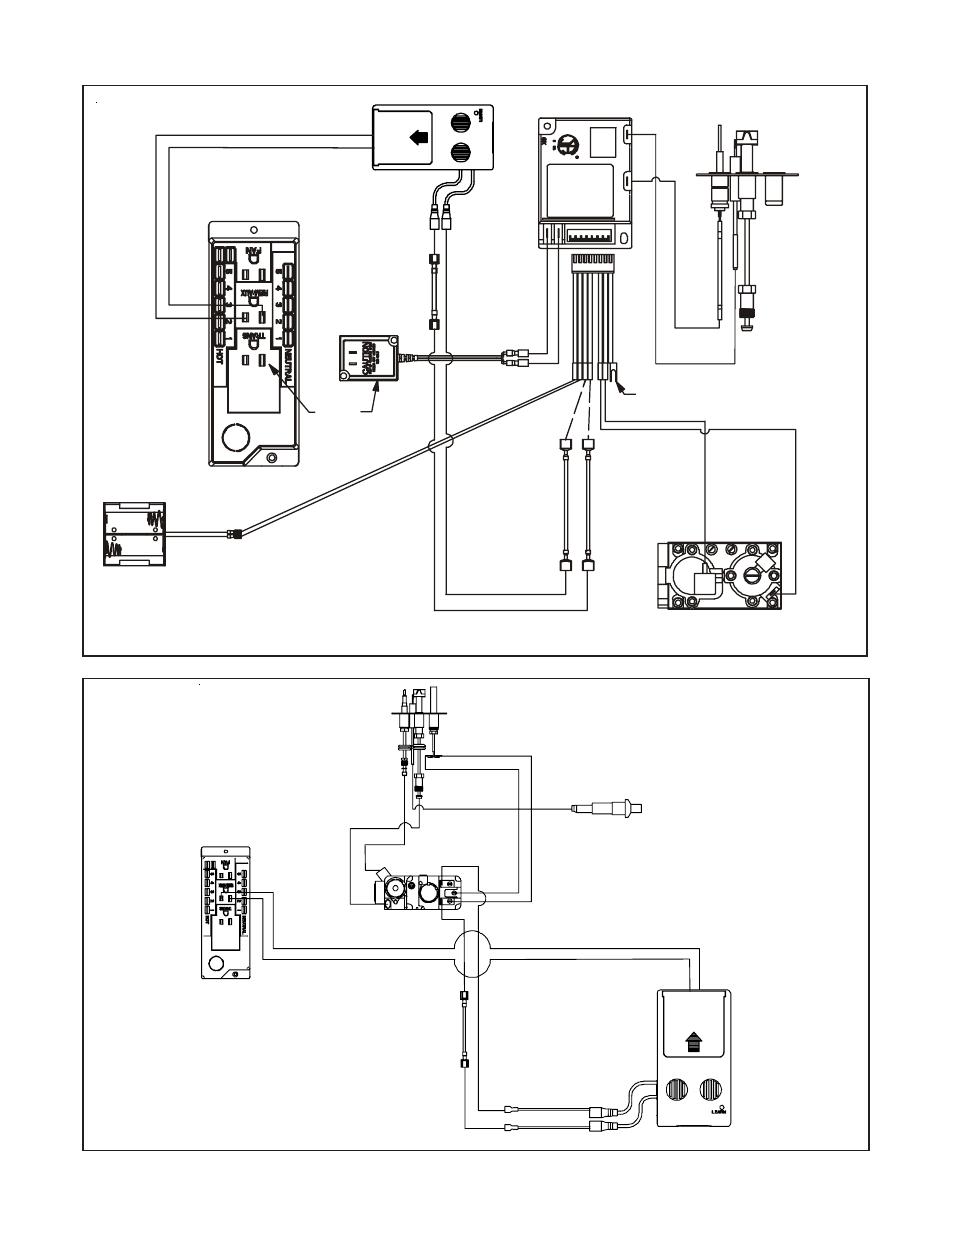 Fancy Reese Pilot Brake Controller Wiring Diagram Gift